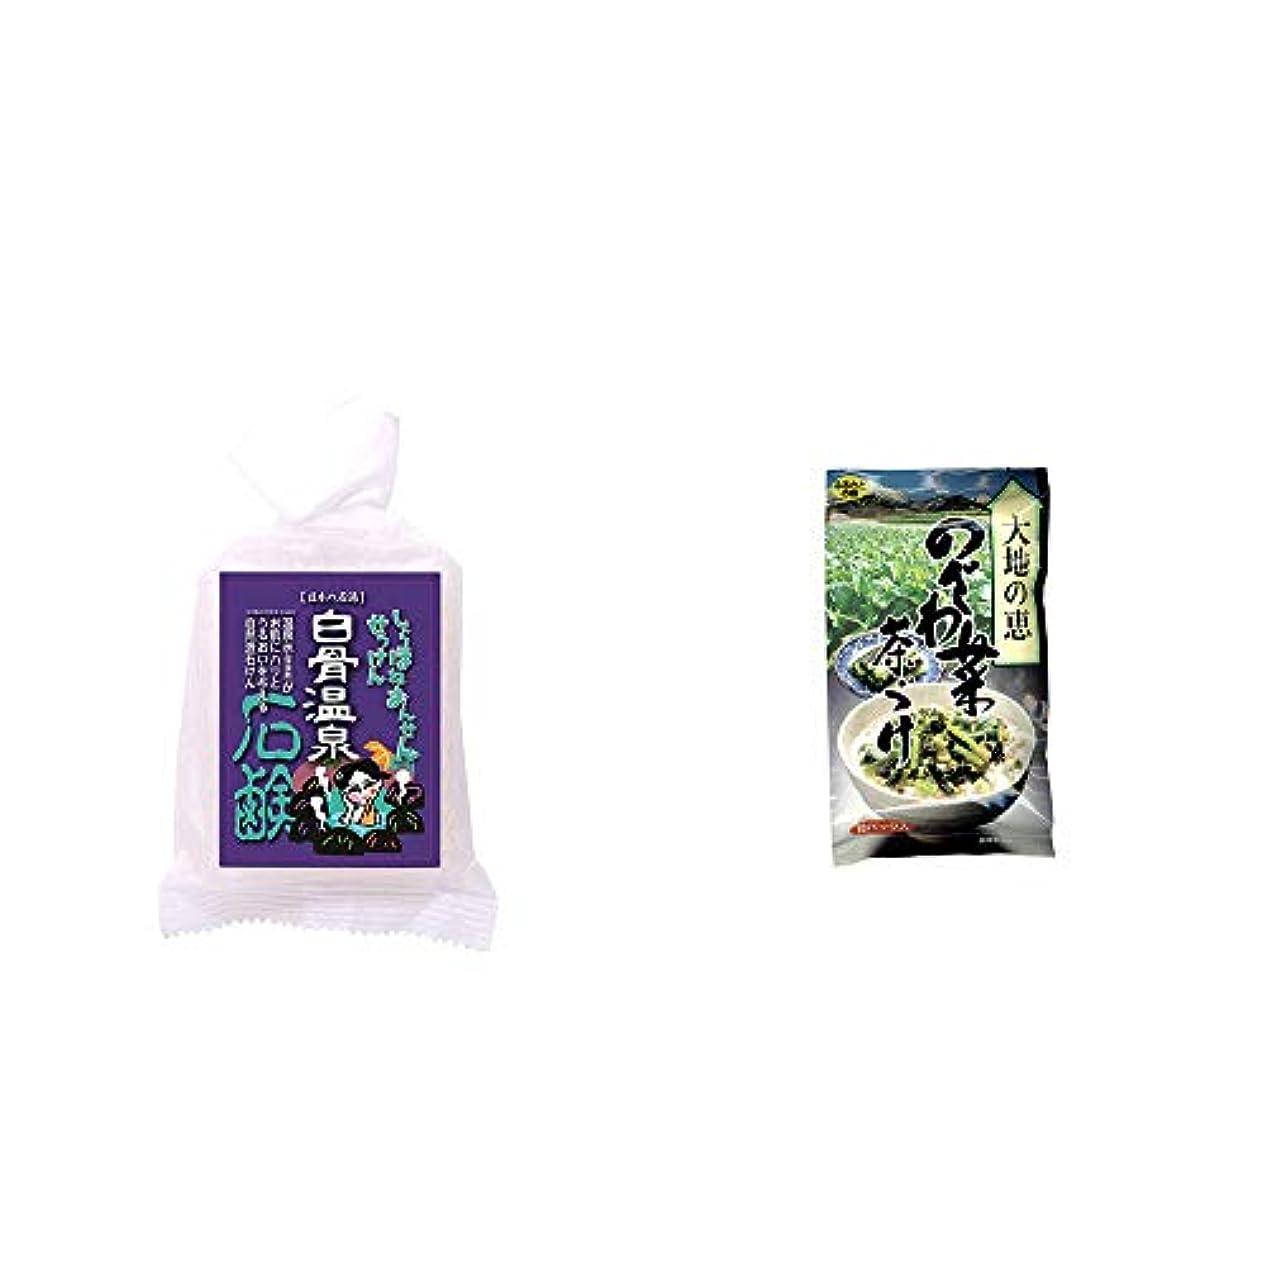 洗練された魔法遺伝的[2点セット] 信州 白骨温泉石鹸(80g)?特選茶漬け 大地の恵 のざわ菜茶づけ(10袋入)